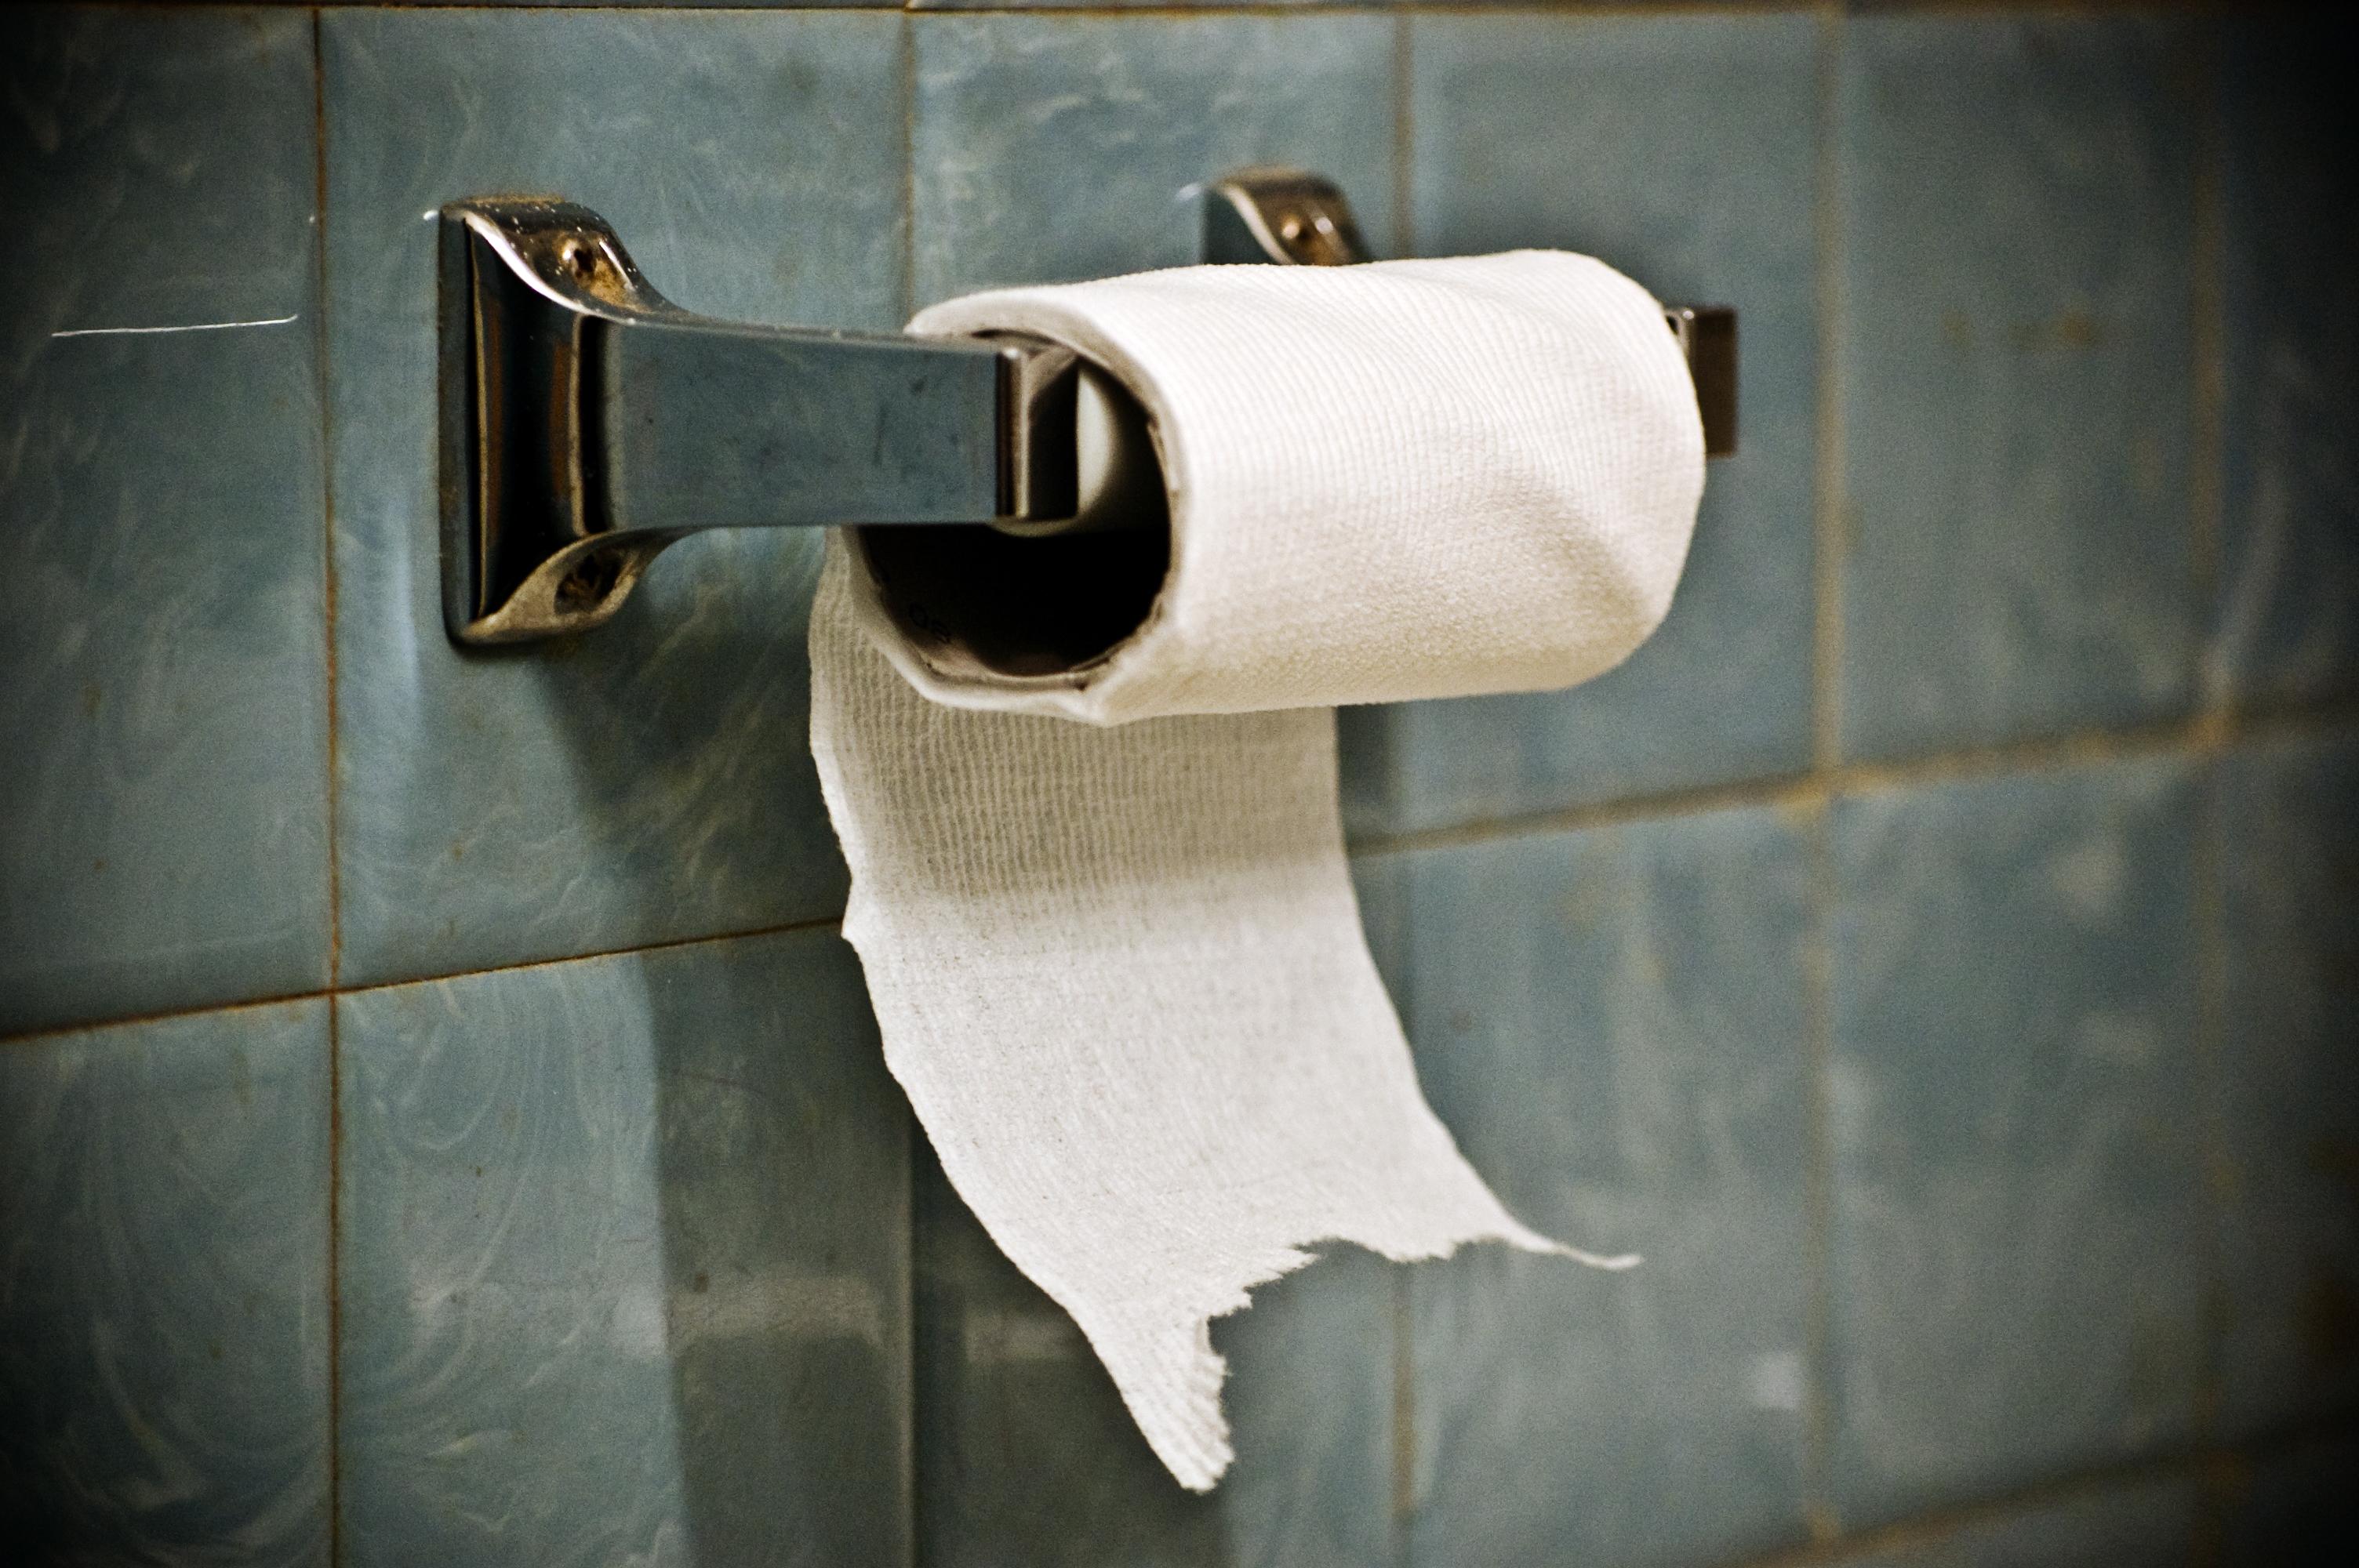 Papel De Baño Al Inodoro:15 Reglas de etiqueta para usar los baños públicos que todo hombre